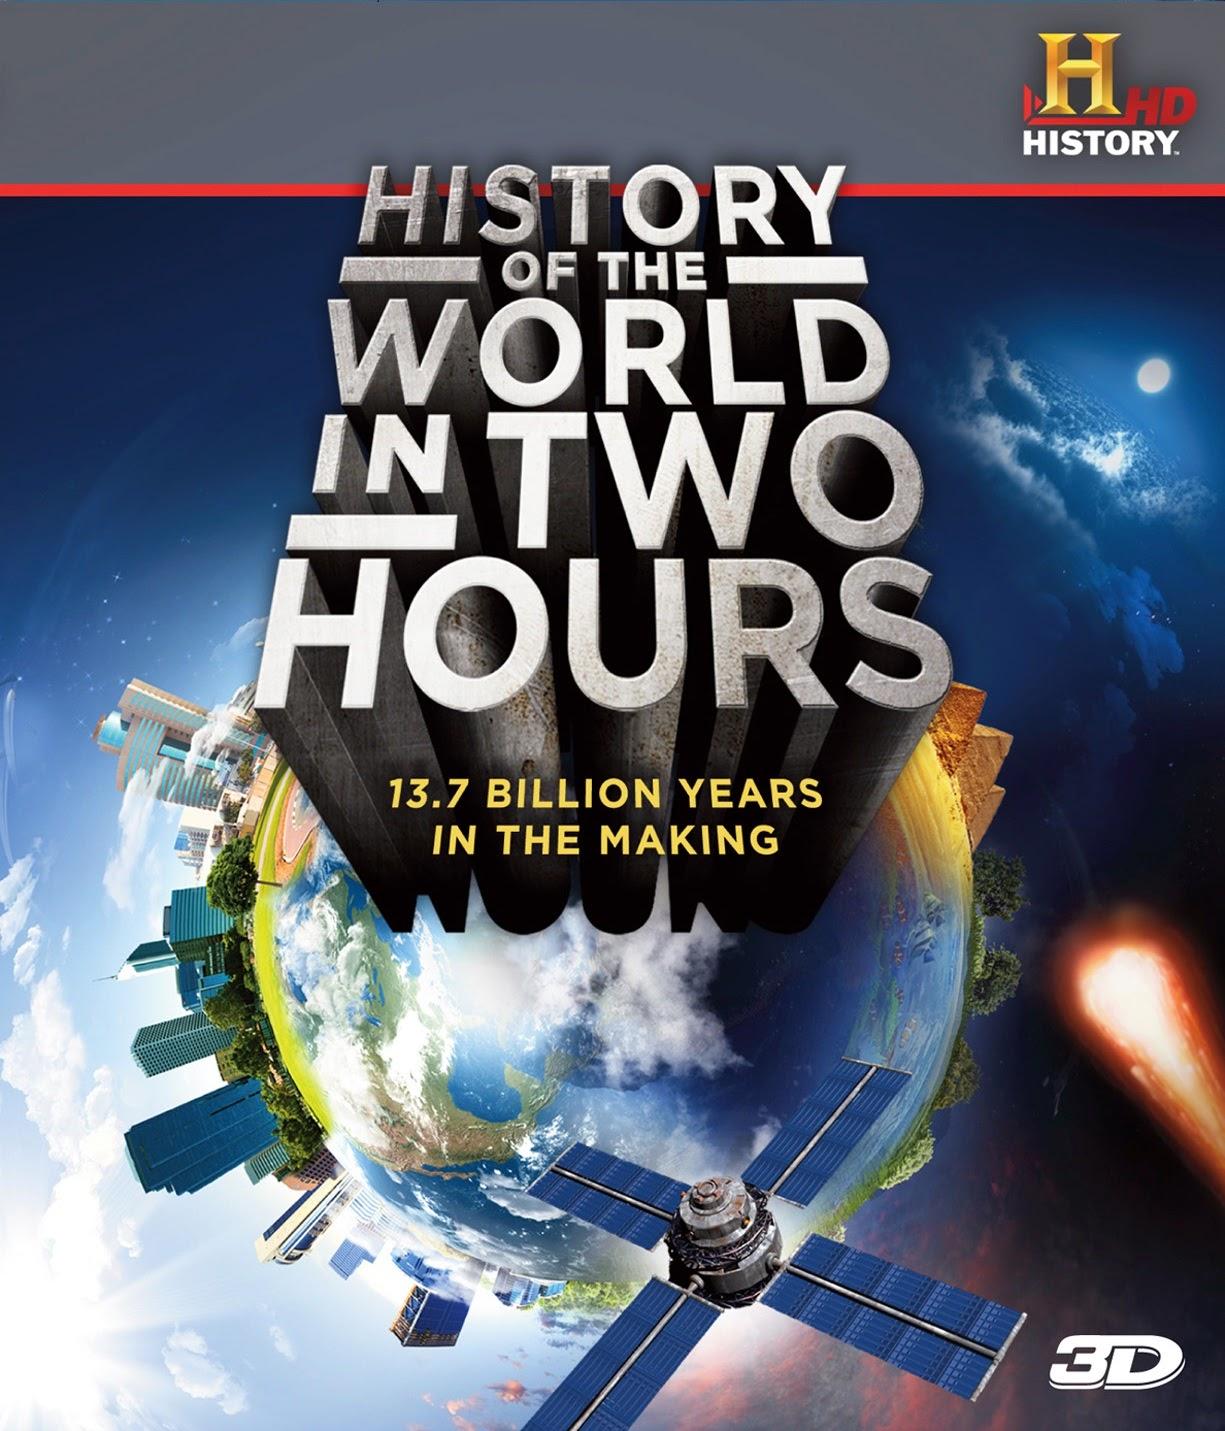 A História do Mundo em 2 Horas – Dublado